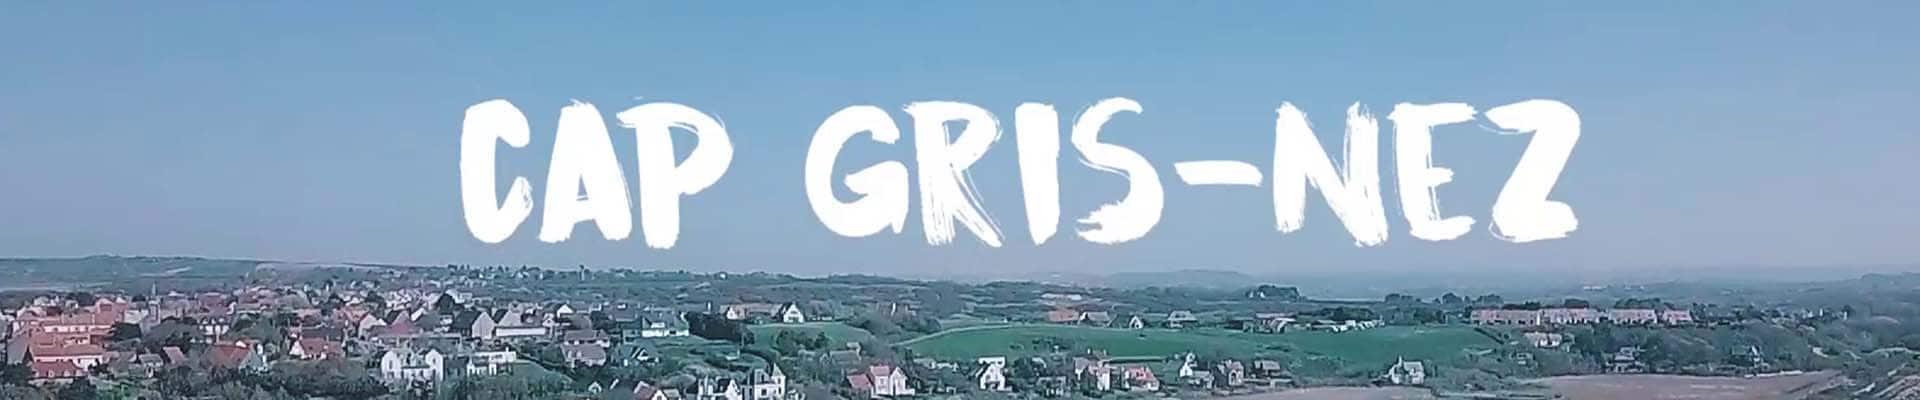 Cap Gris-Nez vidéo drone par Espace-digital Nicolas Masoni